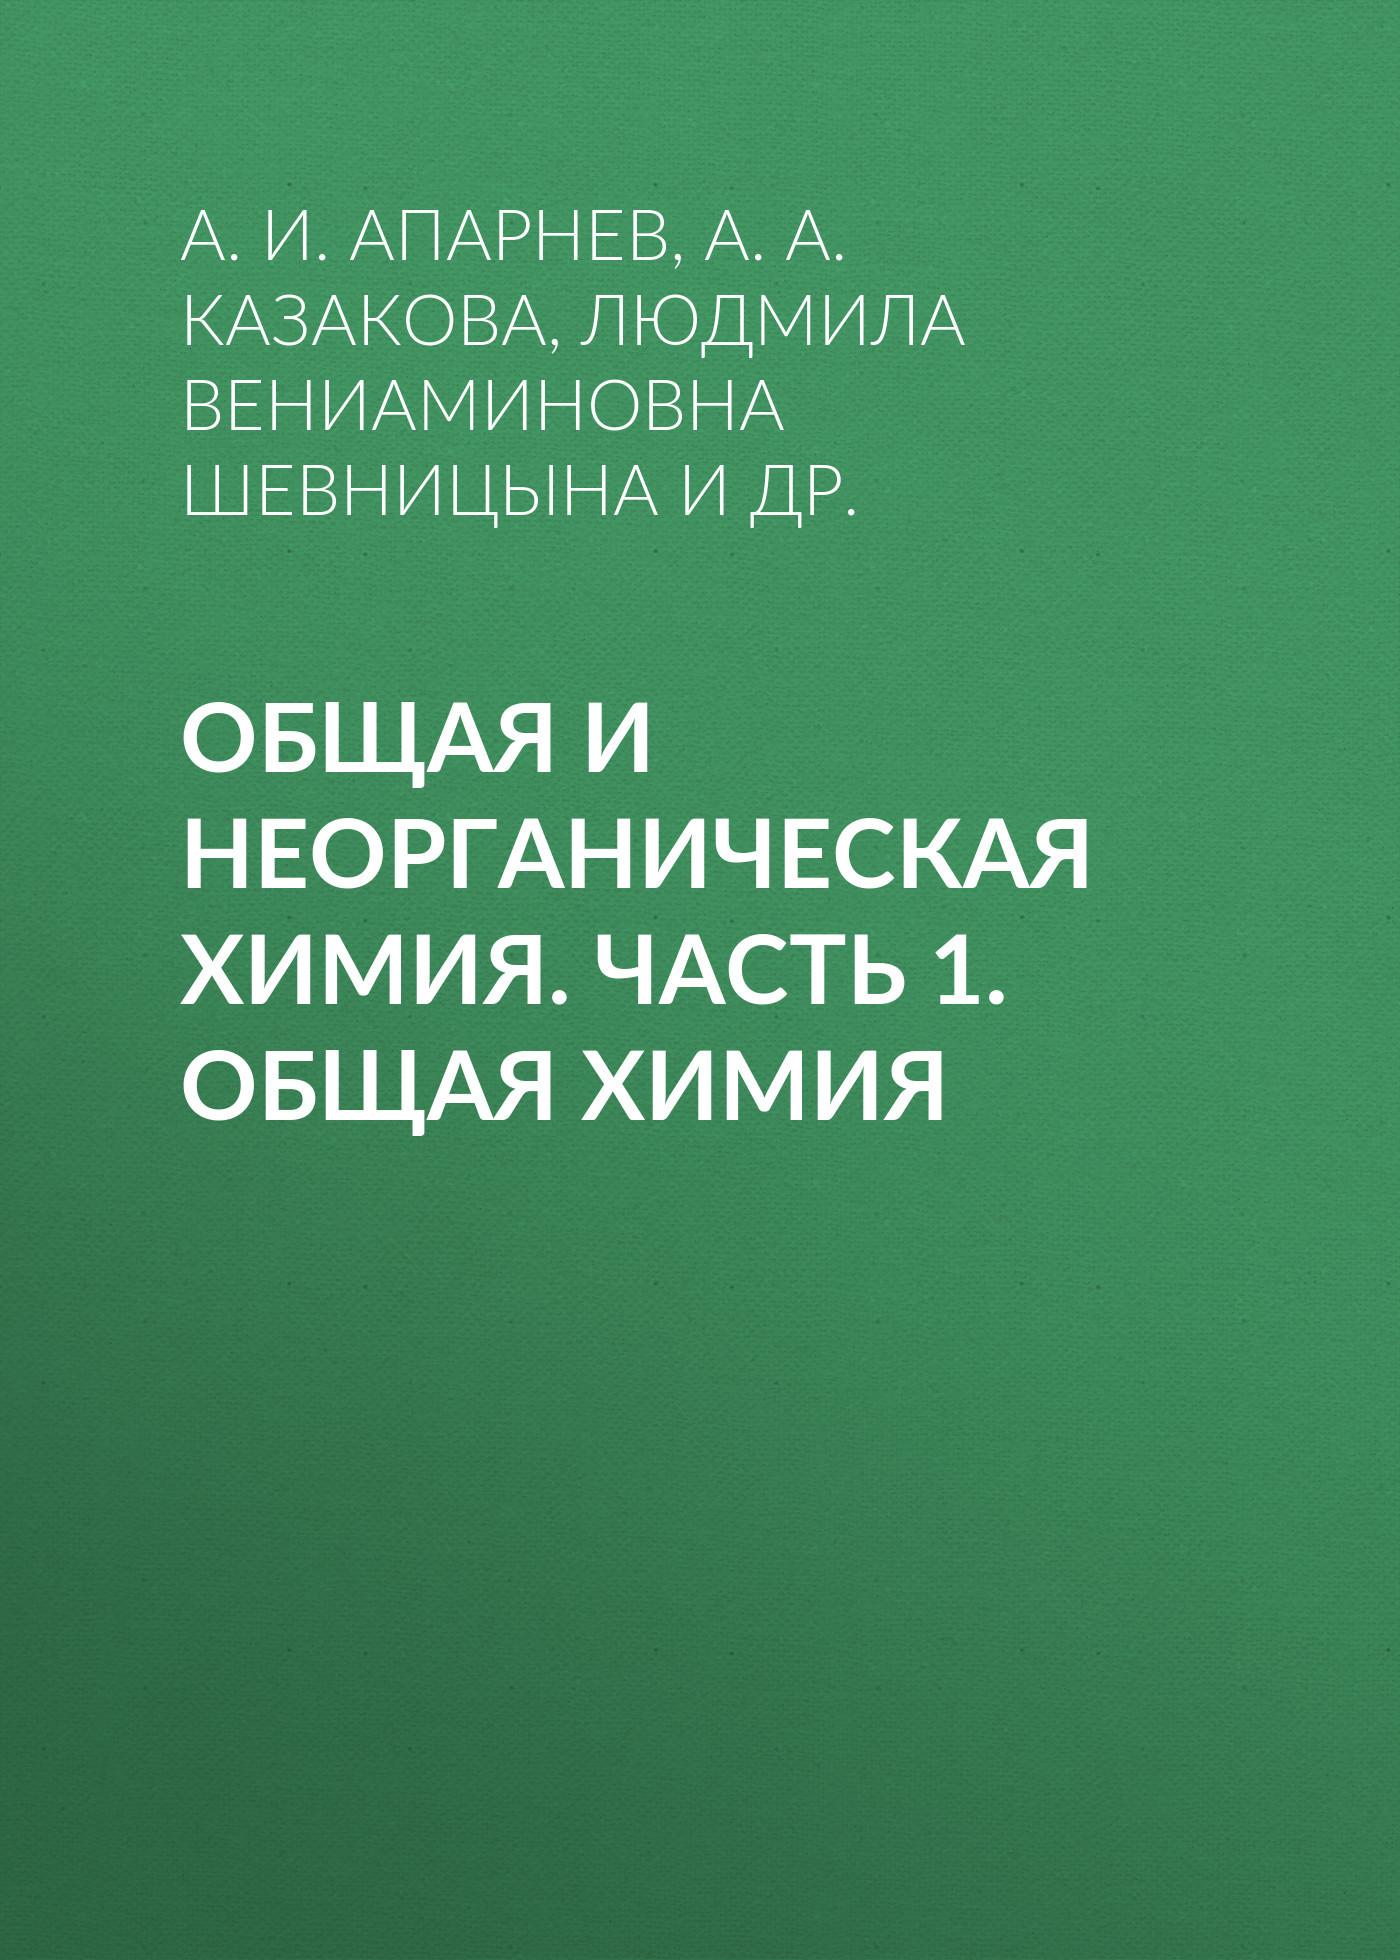 А. И. Апарнев Общая и неорганическая химия. Часть 1. Общая химия общая химия глинка киев